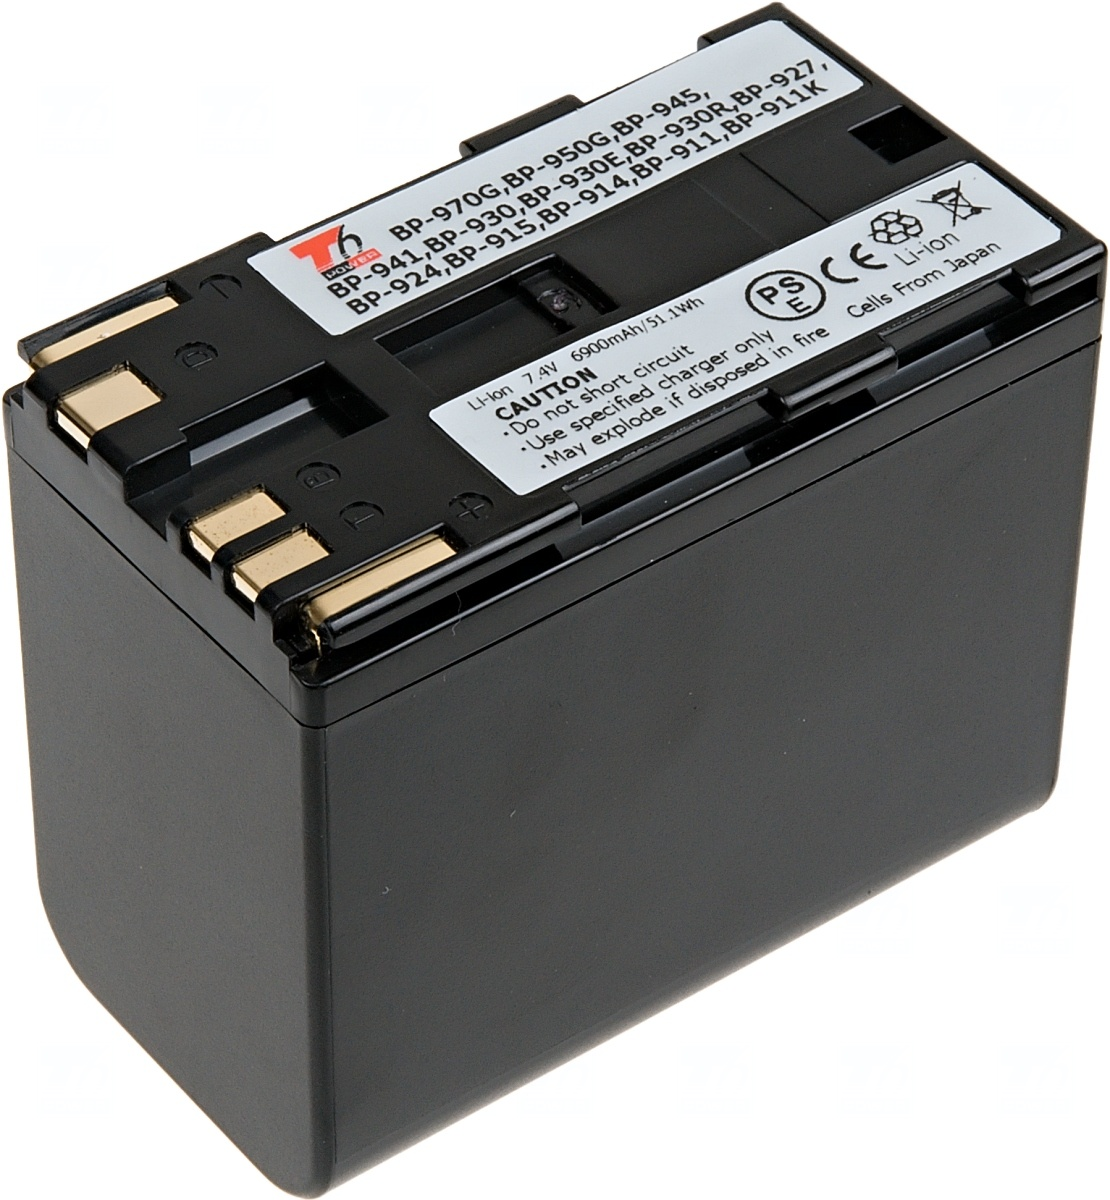 Baterie T6 power Canon BP-911, BP-914, BP-945, BP-970, 6900mAh, černá